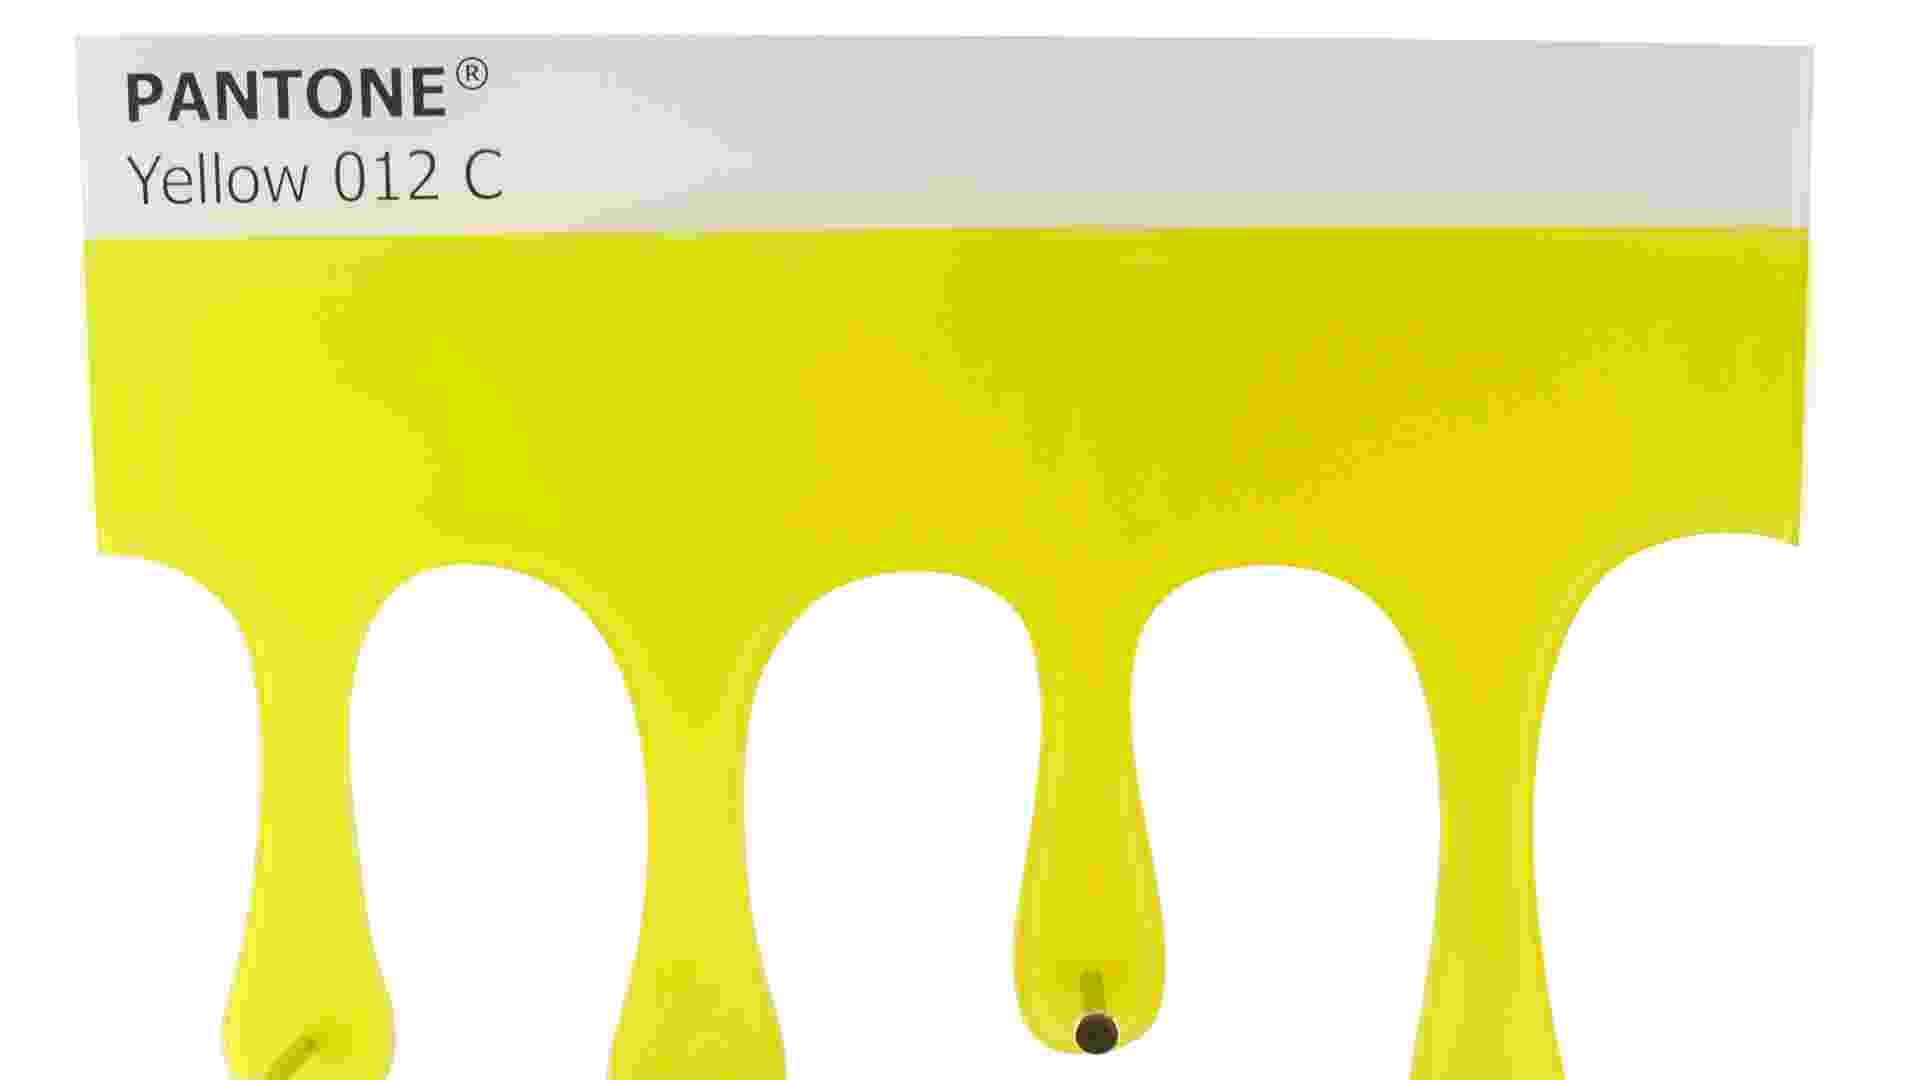 O porta toalhas Pantone Yellow 012C mede 28 cm por 38 cm e custa R$ 91,90 na loja virtual da Jaya! (www.mundojaya.com.br). Preços pesquisados em agosto de 2012 e sujeitos a alterações - Divulgação